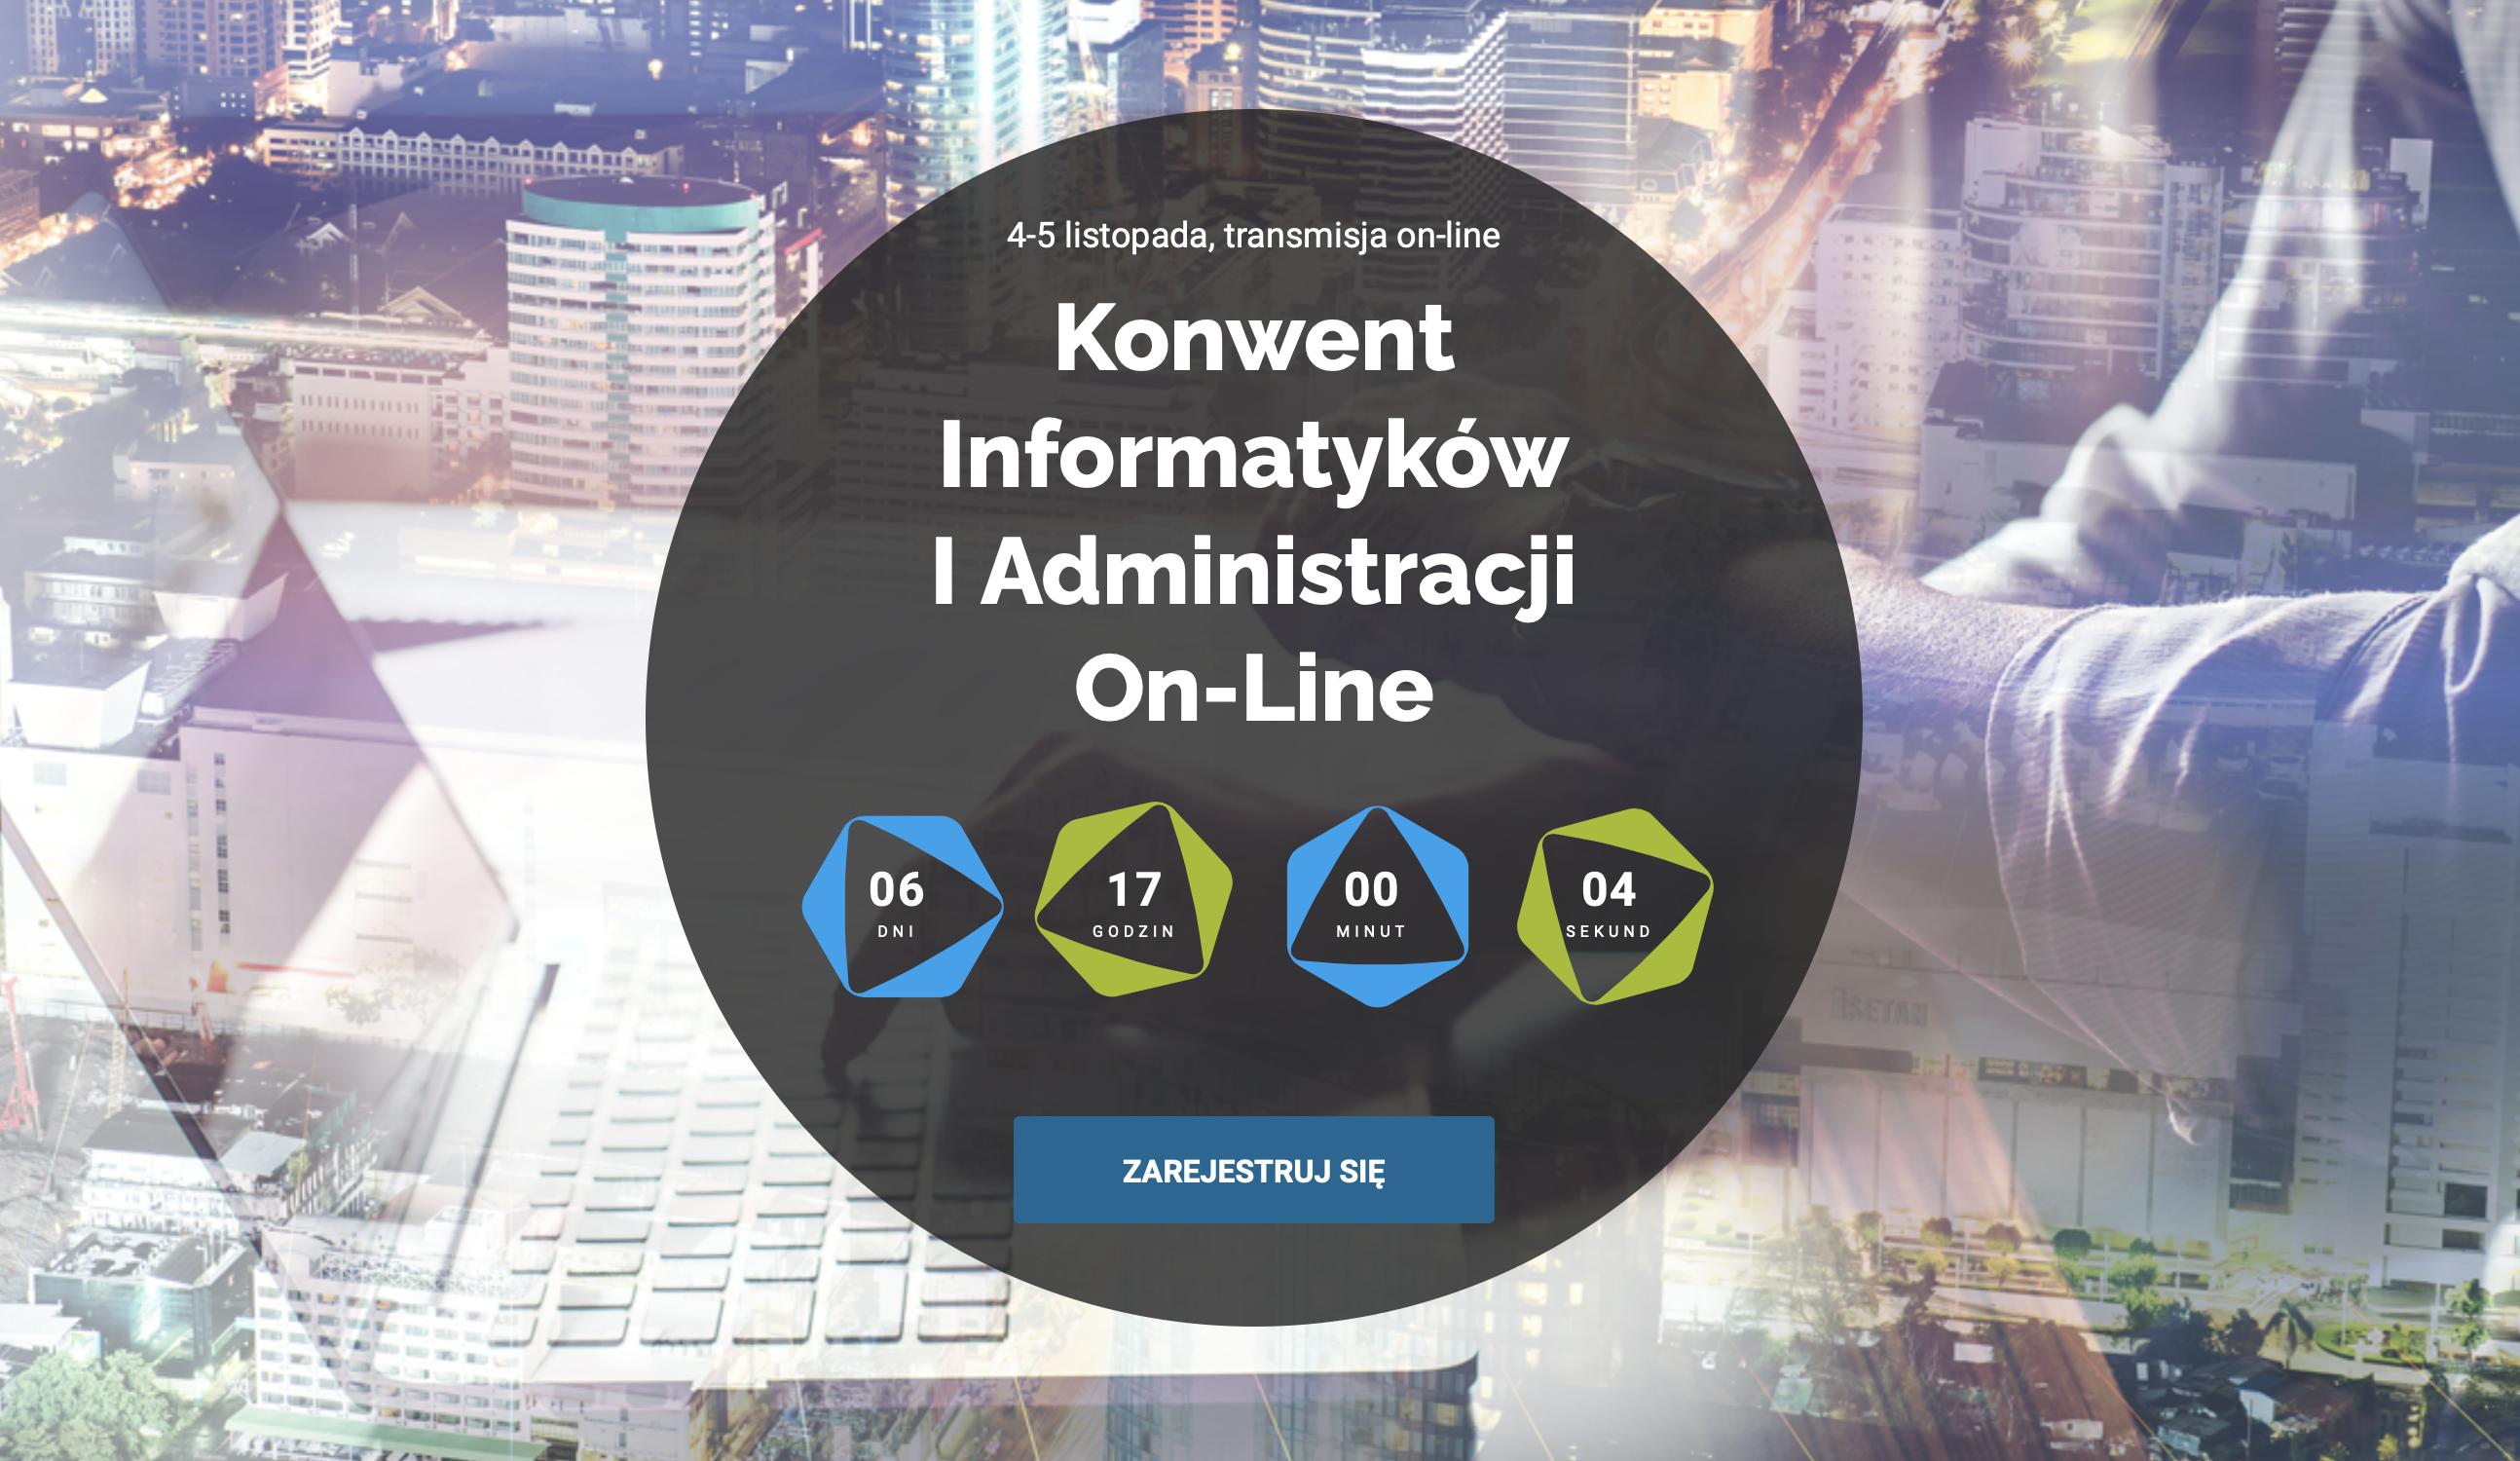 Konwent Informatyków I Administracji On-Line